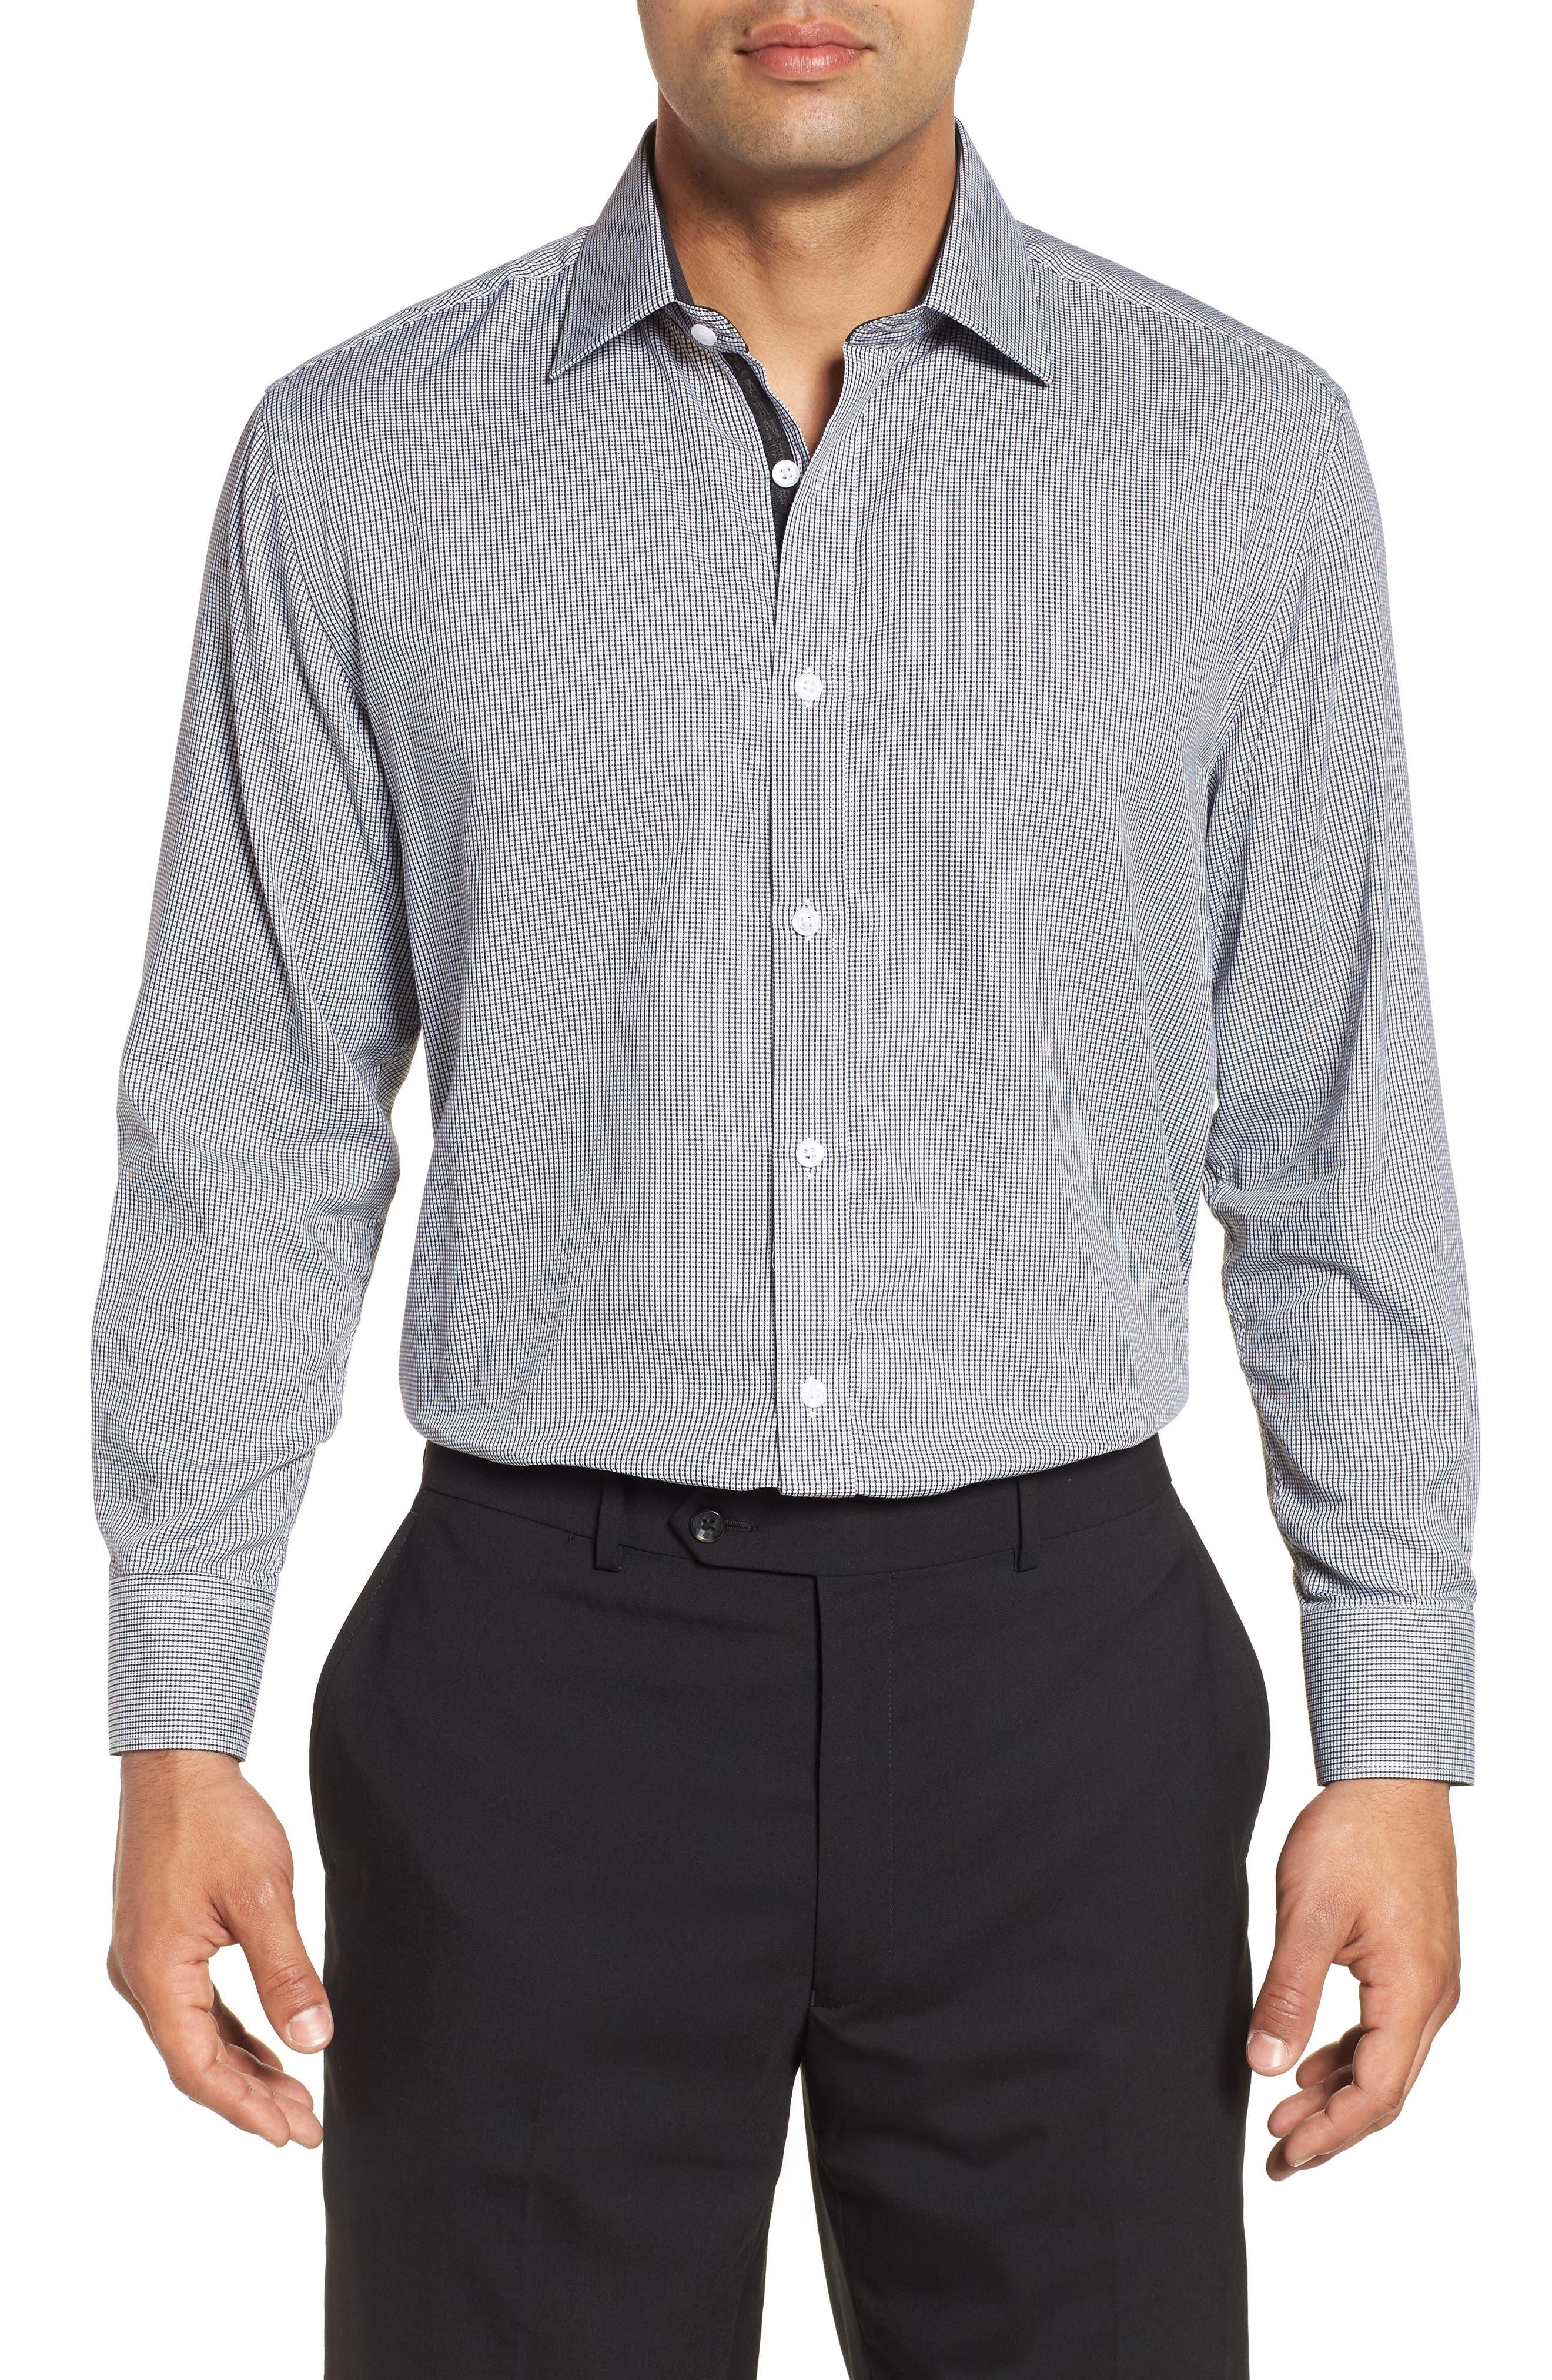 ENGLISH LAUNDRY,                             Regular Fit Check Dress Shirt,                             Main thumbnail 1, color,                             001